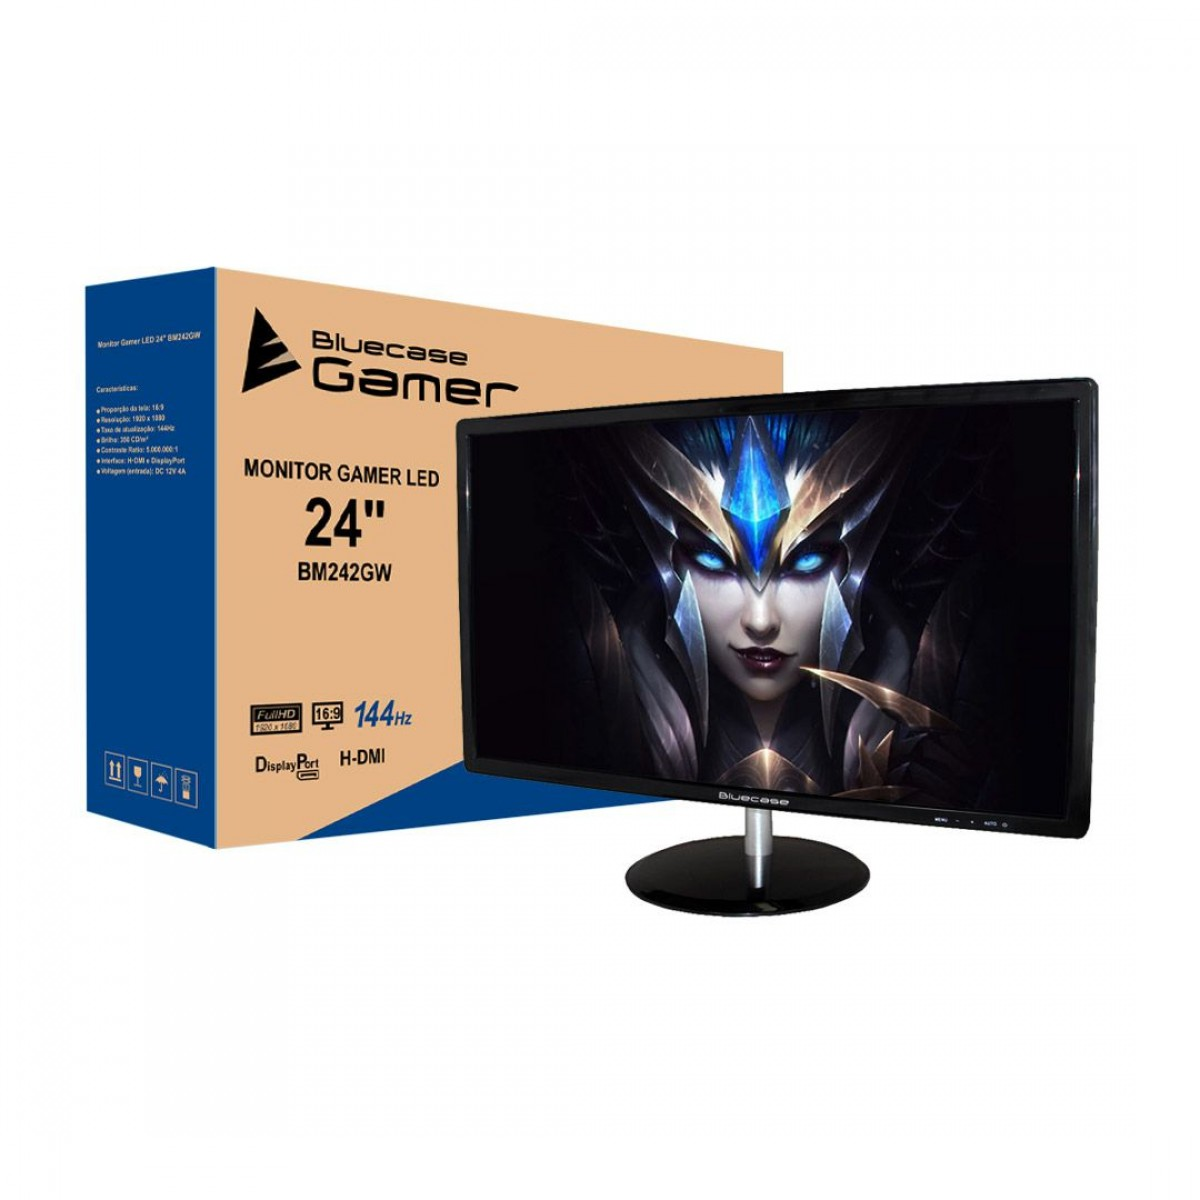 Monitor Gamer Bluecase 24 Pol, Full HD, 144Hz, 1ms, HDMI, BM242GW